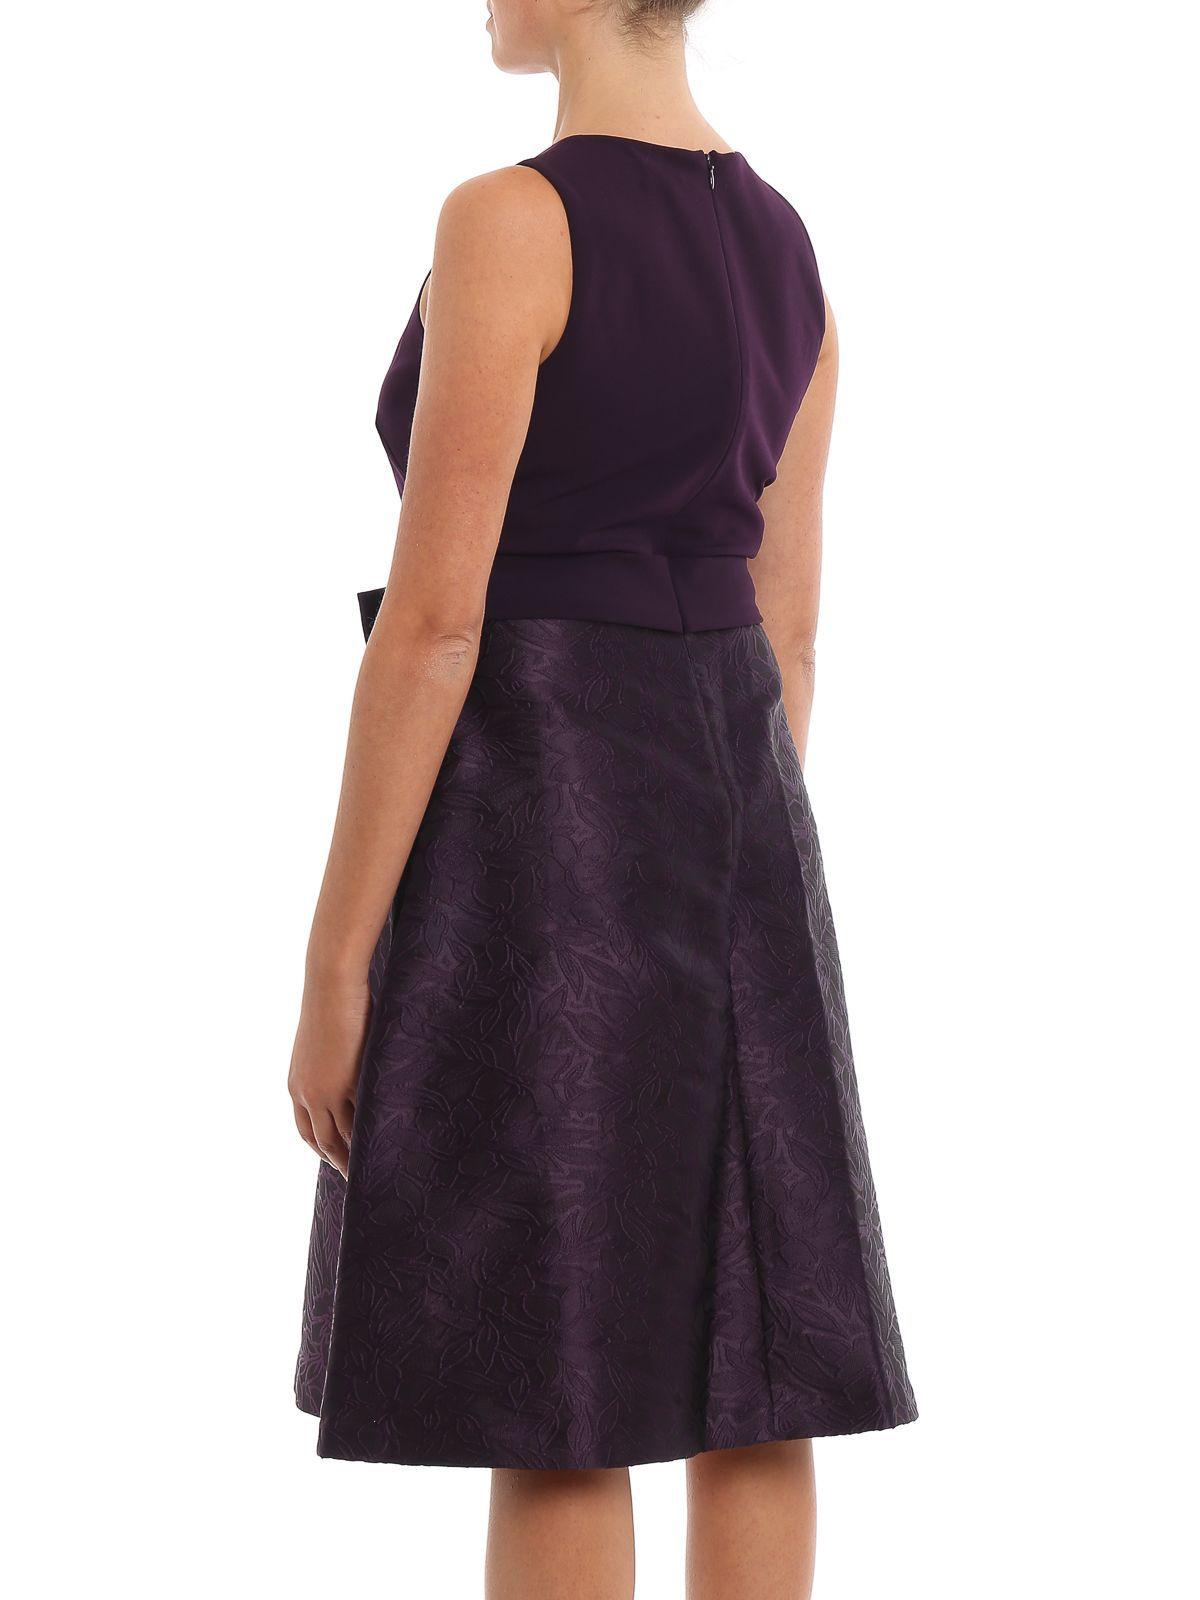 RALPH LAUREN WOMEN'S 253756526005 PURPLE POLYESTER DRESS